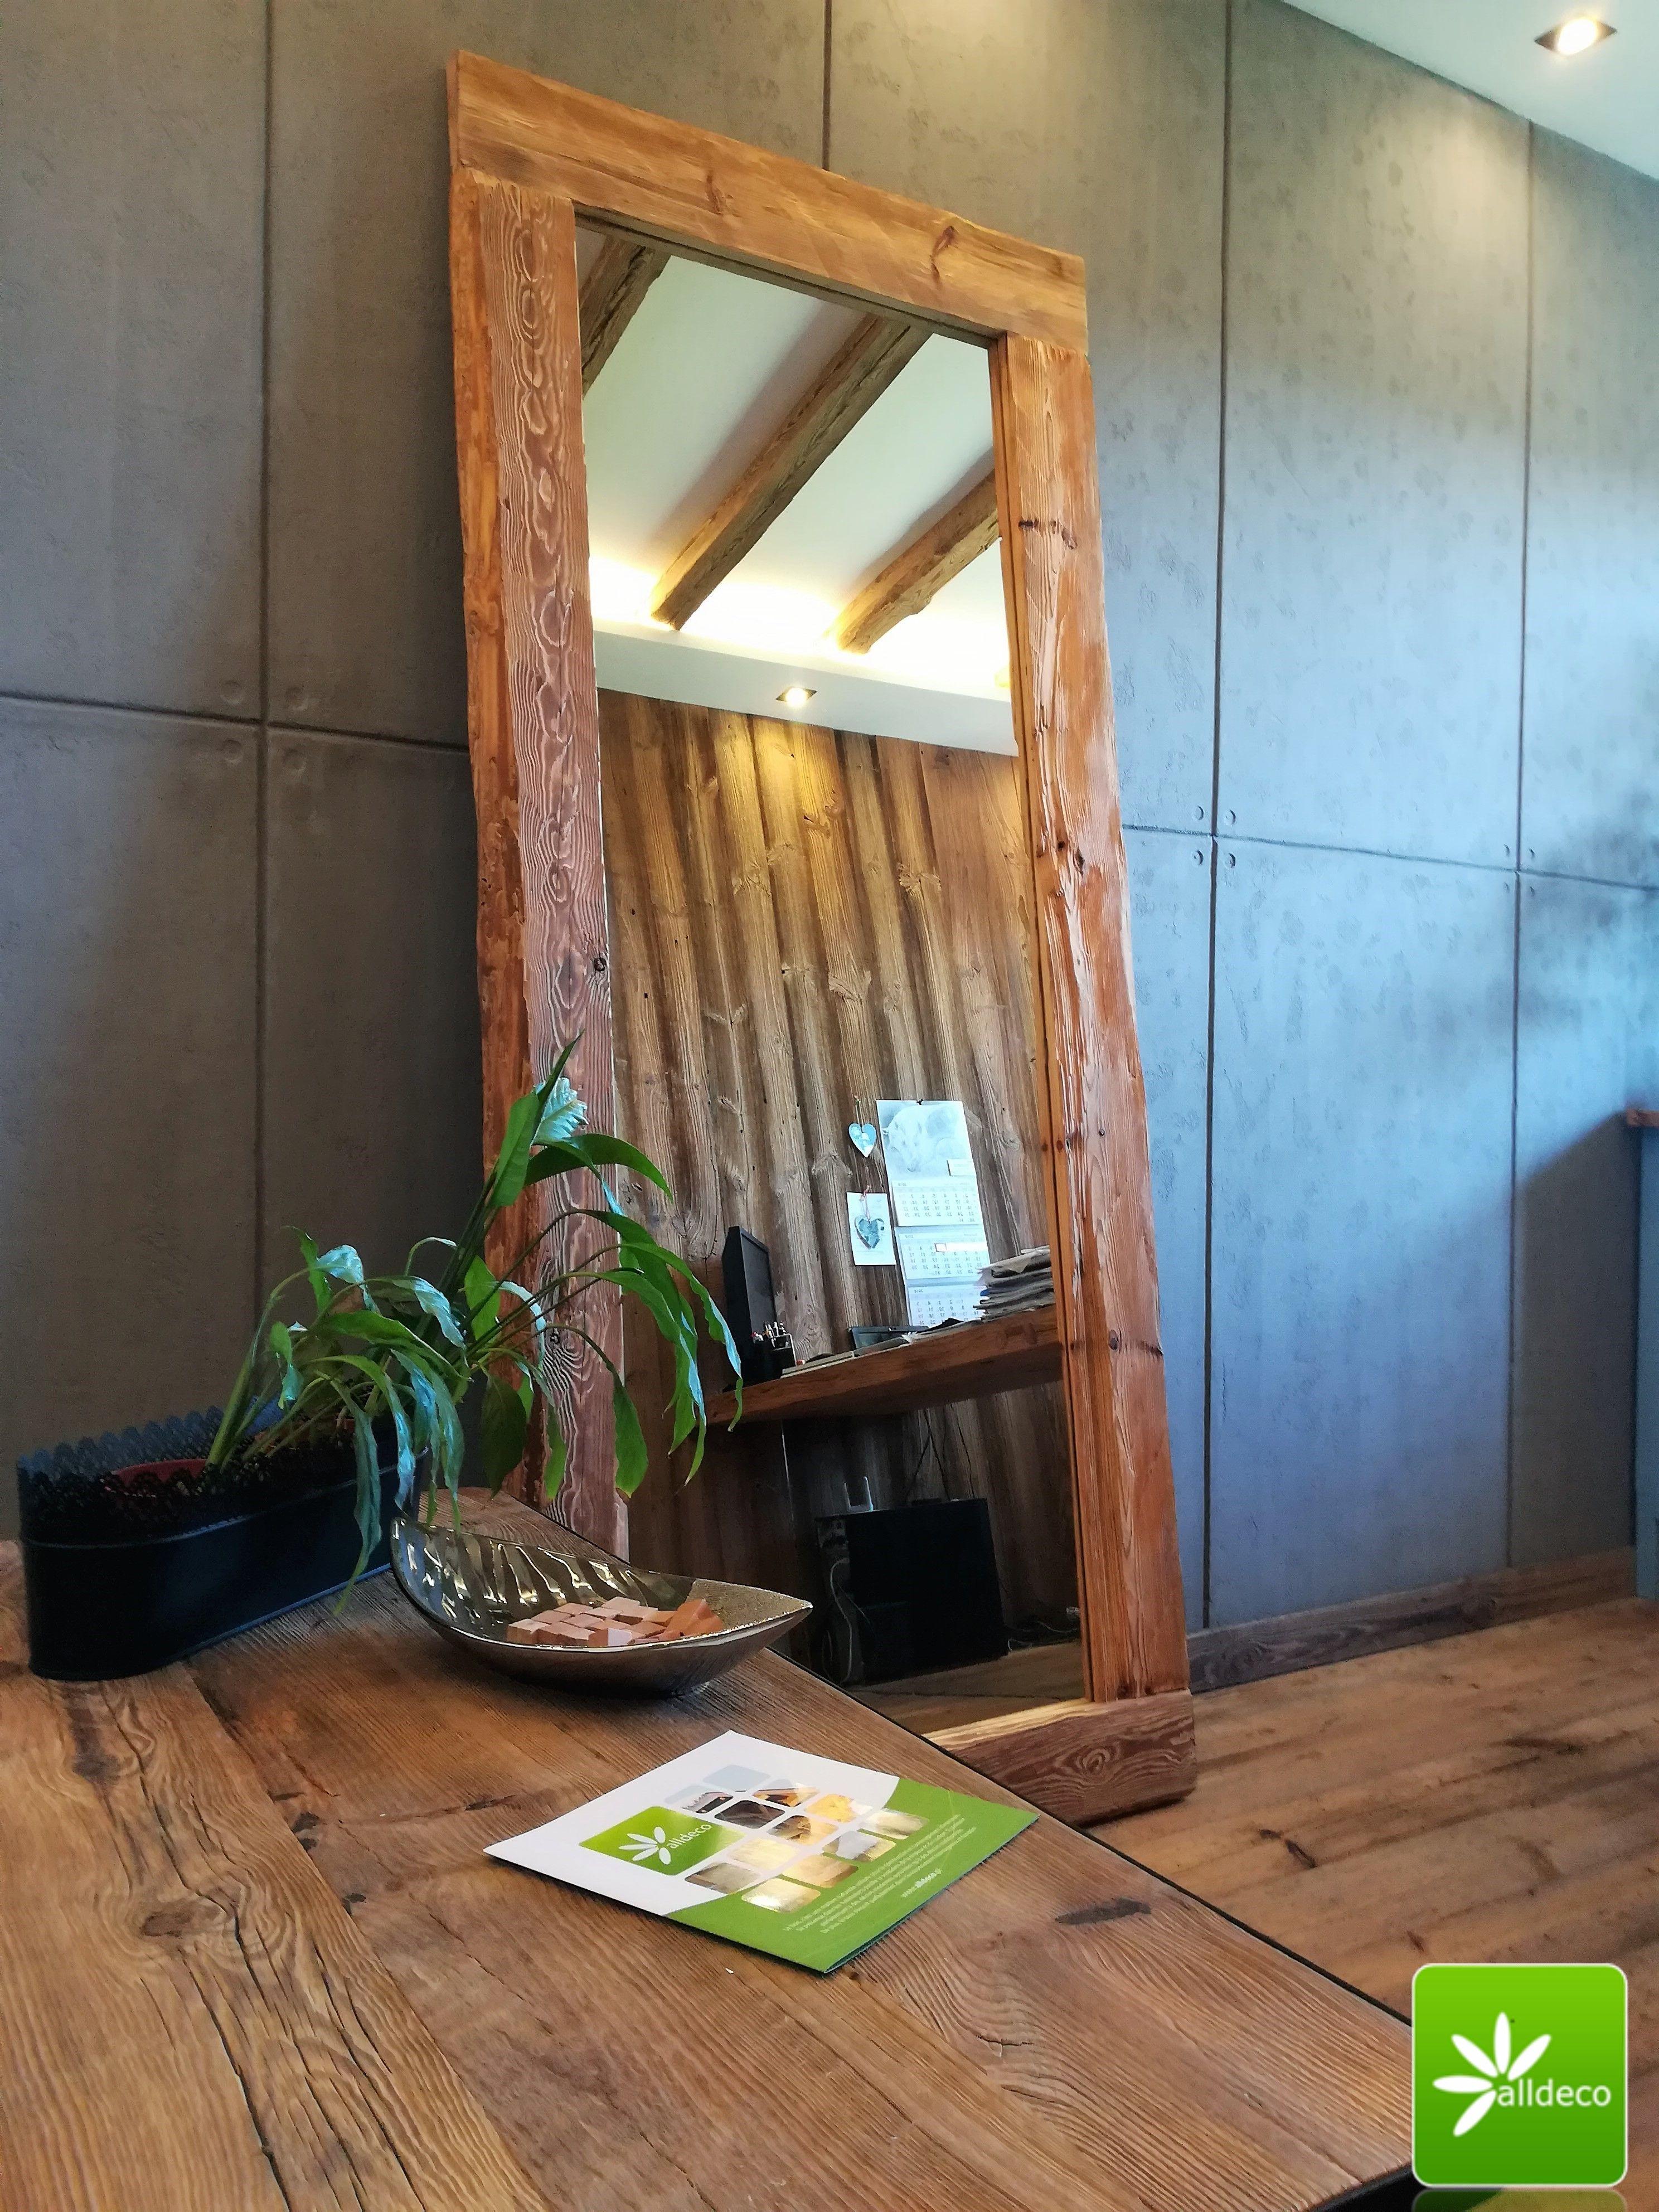 Wunderschöner Spiegelrahmen aus alten gehackten Brettern. Viele ...